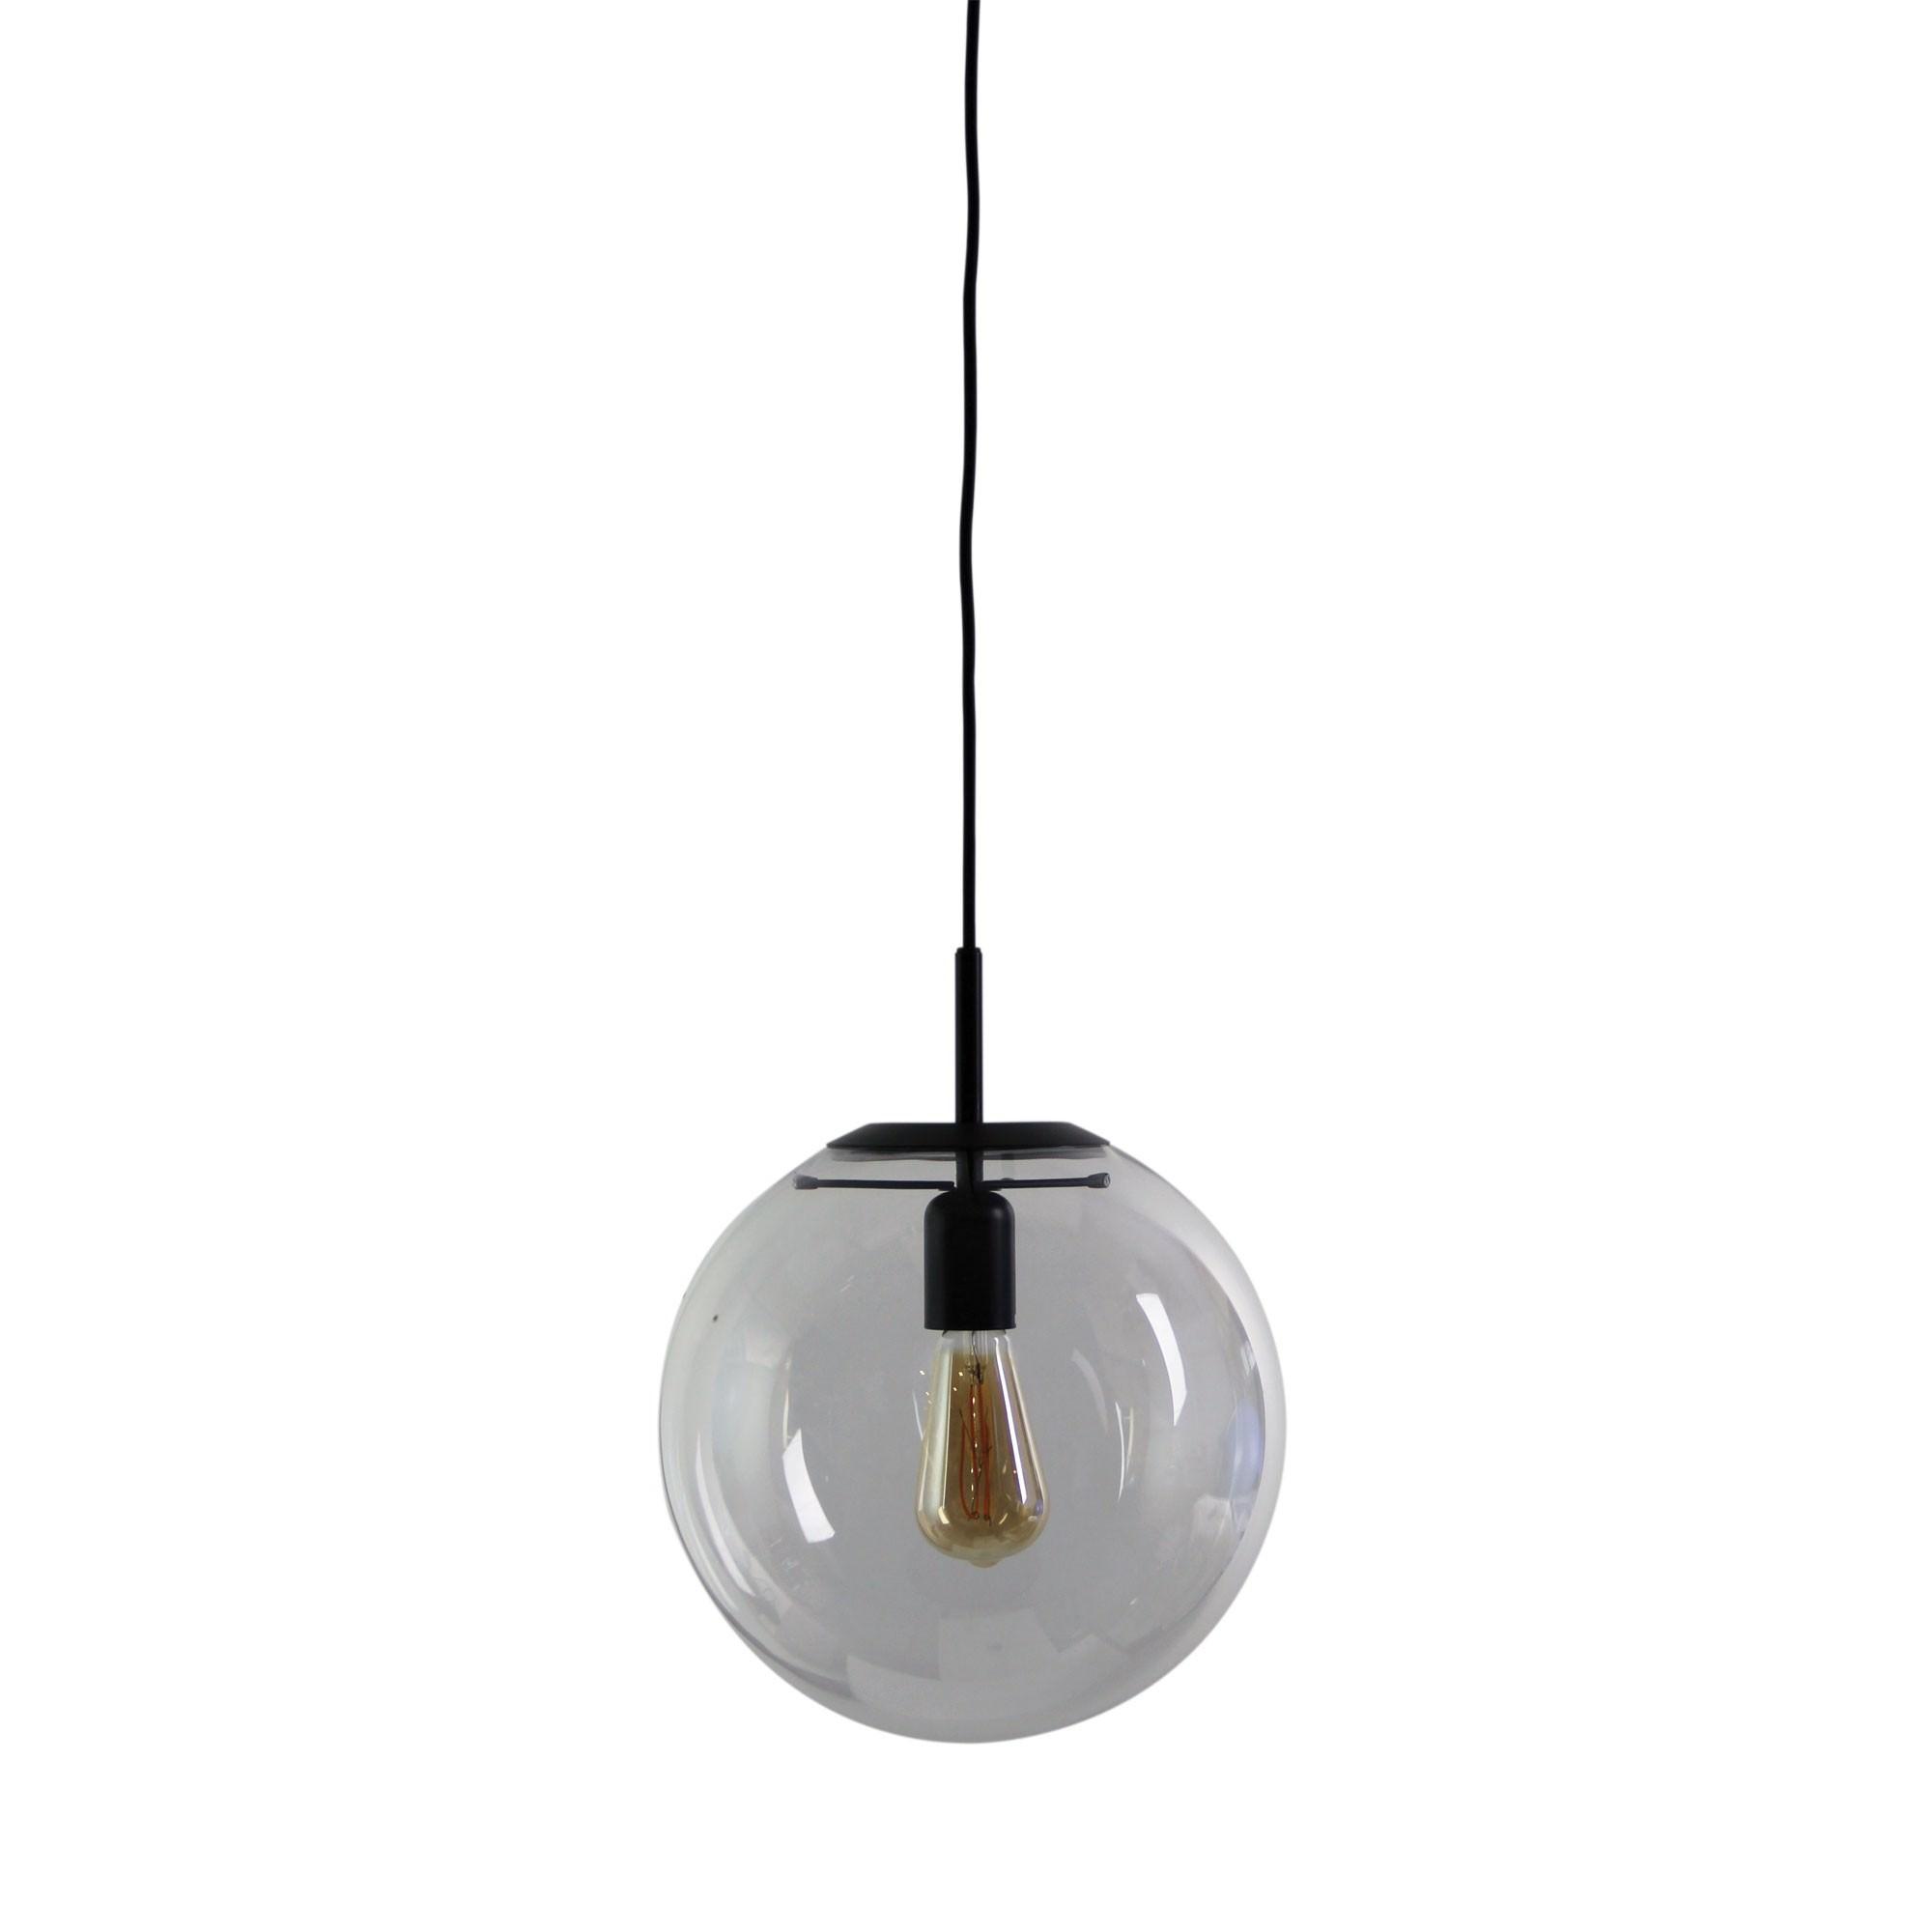 Newton Spherical Glass Pendant Light, 30cm, Matt Black